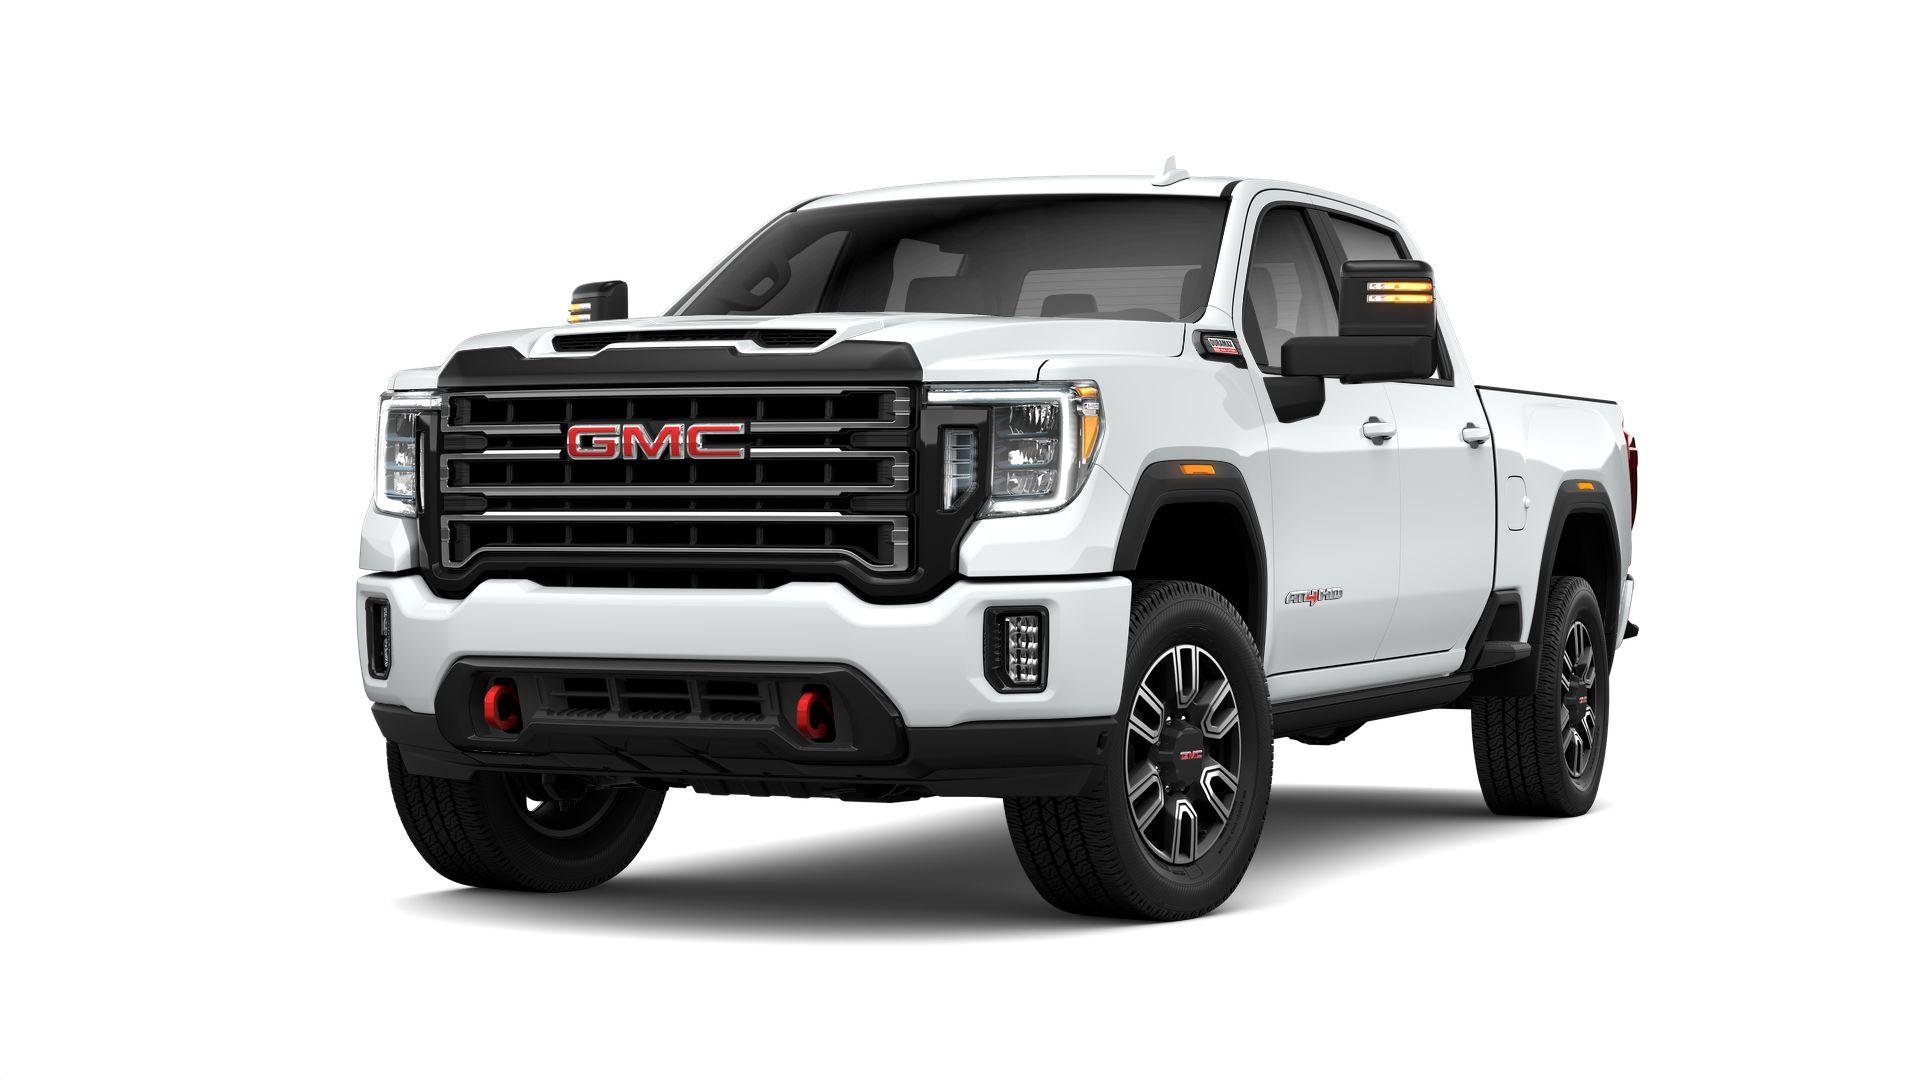 2022 GMC Sierra 2500 HD Truck